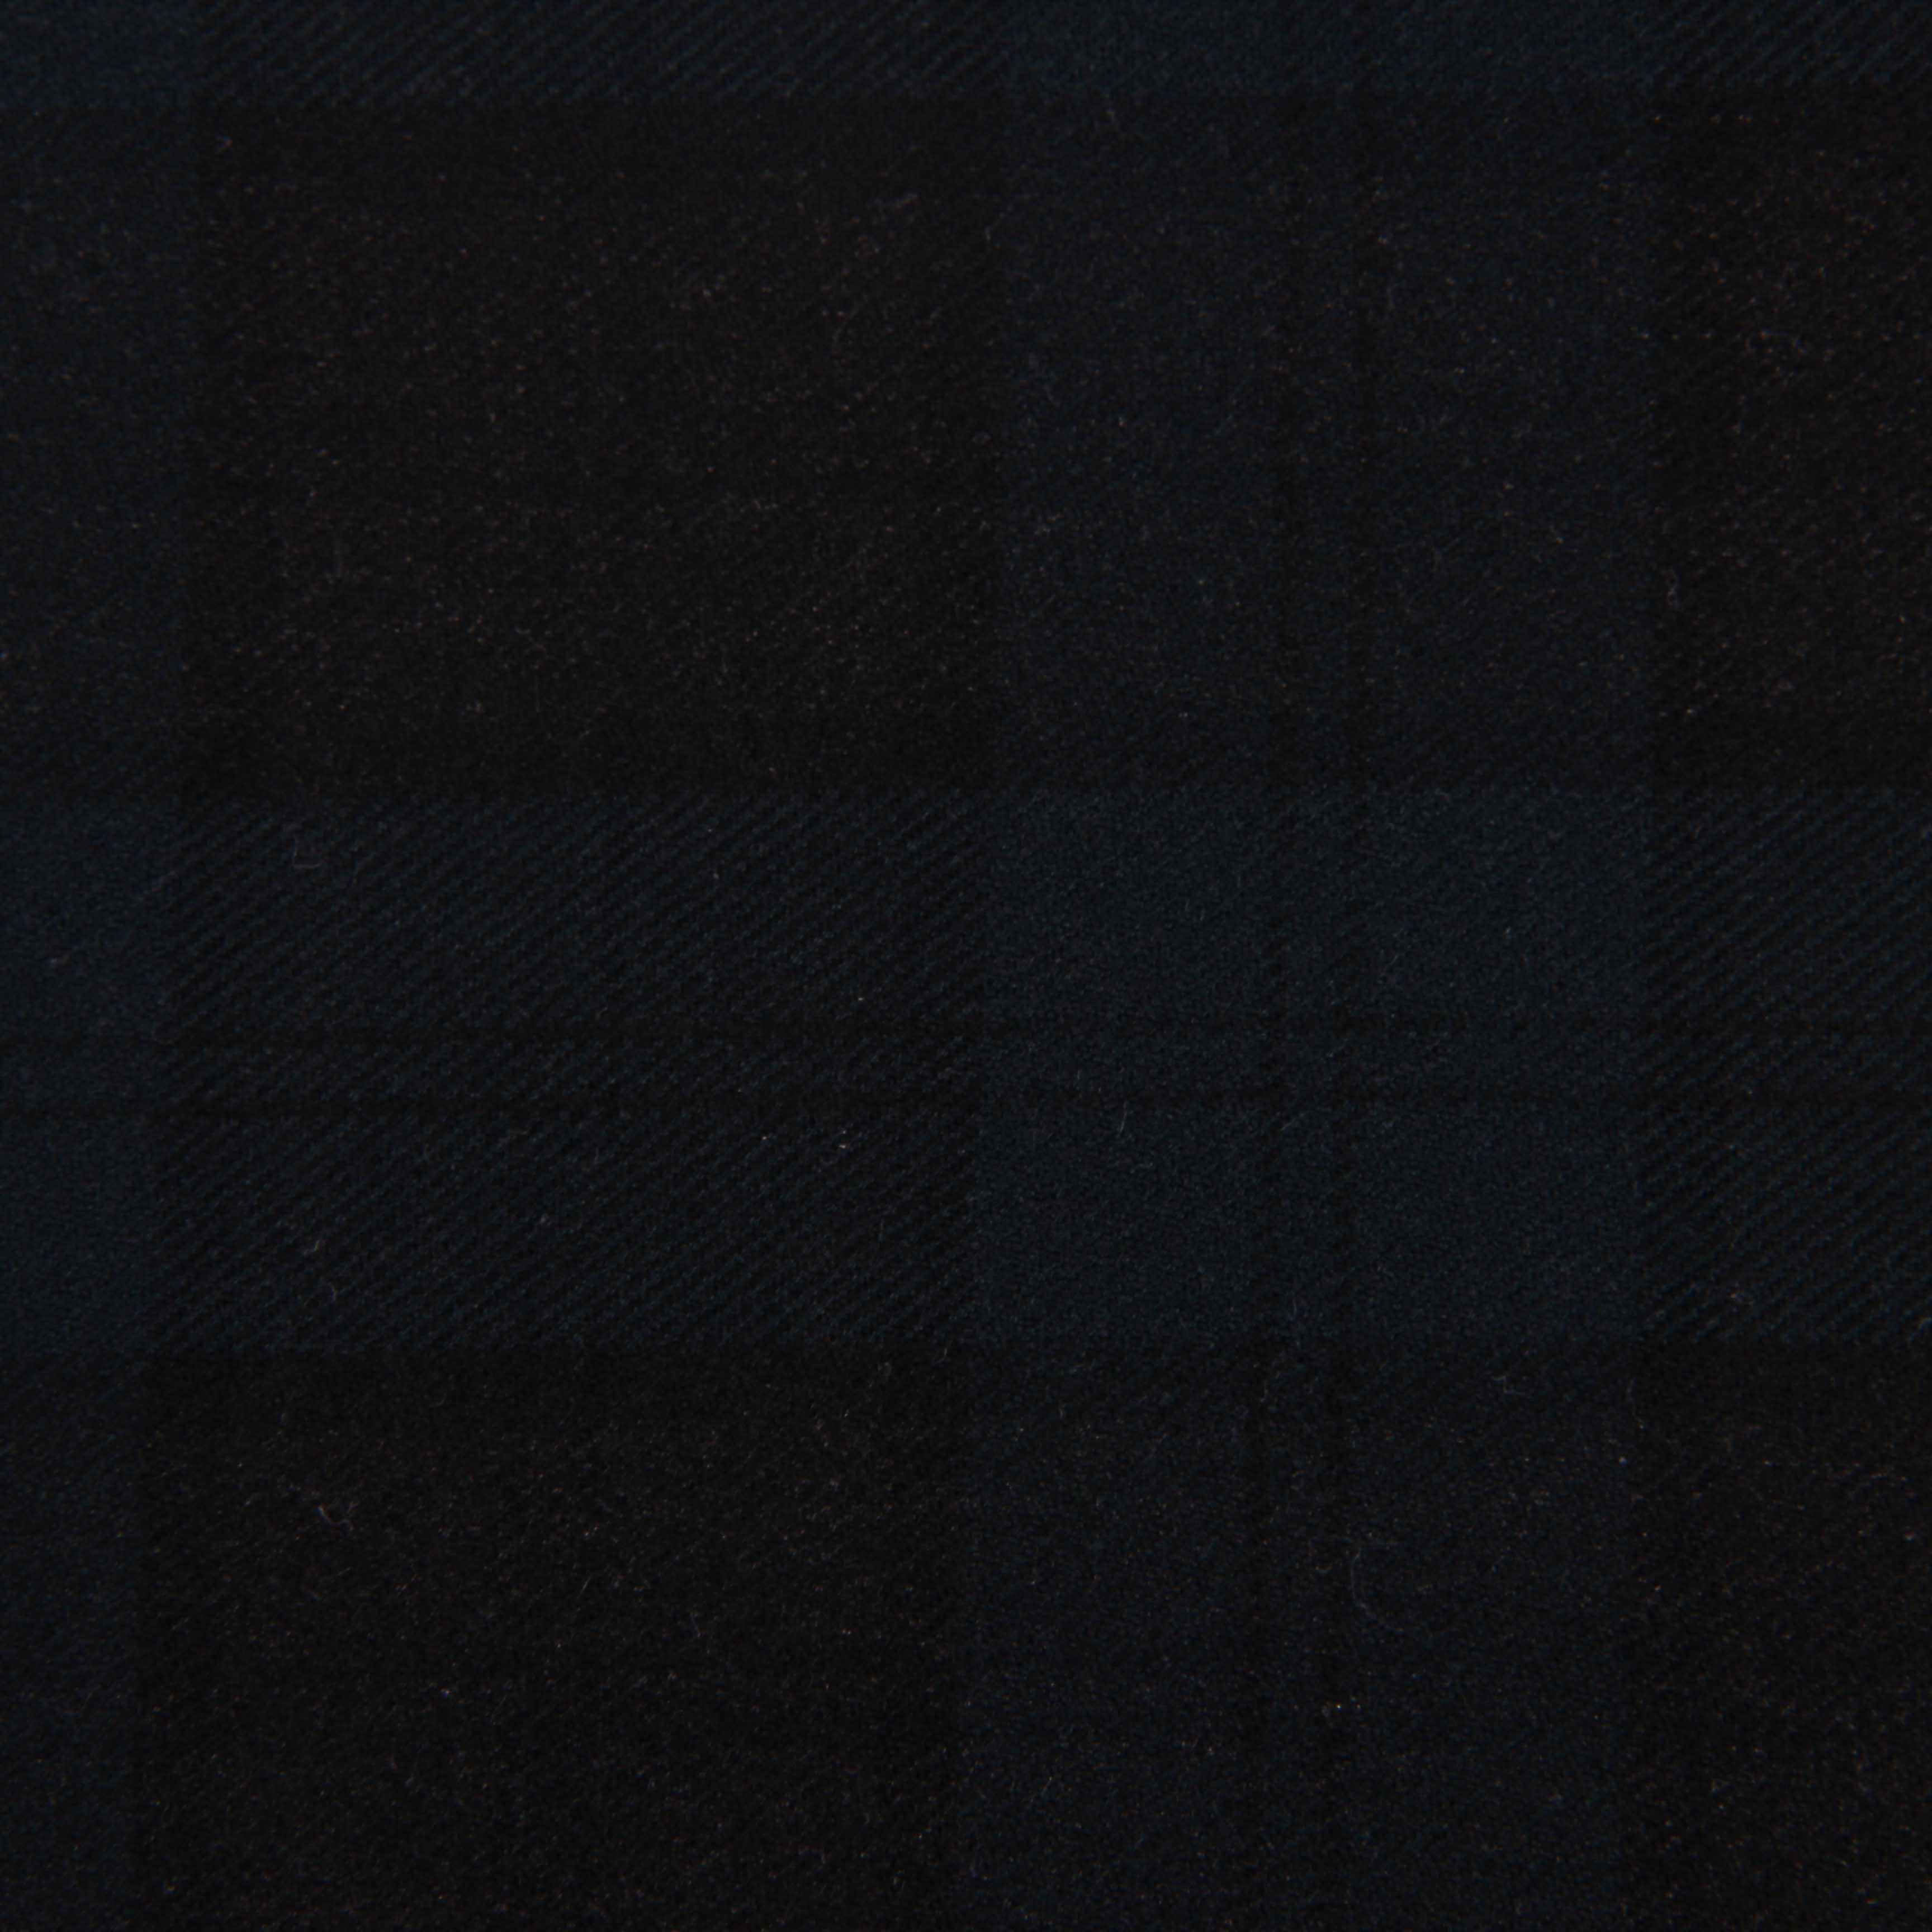 Вискоза, Полиэстер, четырехсторонняя эластичная ткань из спандекса, окрашенная в пряже клетчатая рубашка, ветровка, костюмная ткань для брюк, в наличии